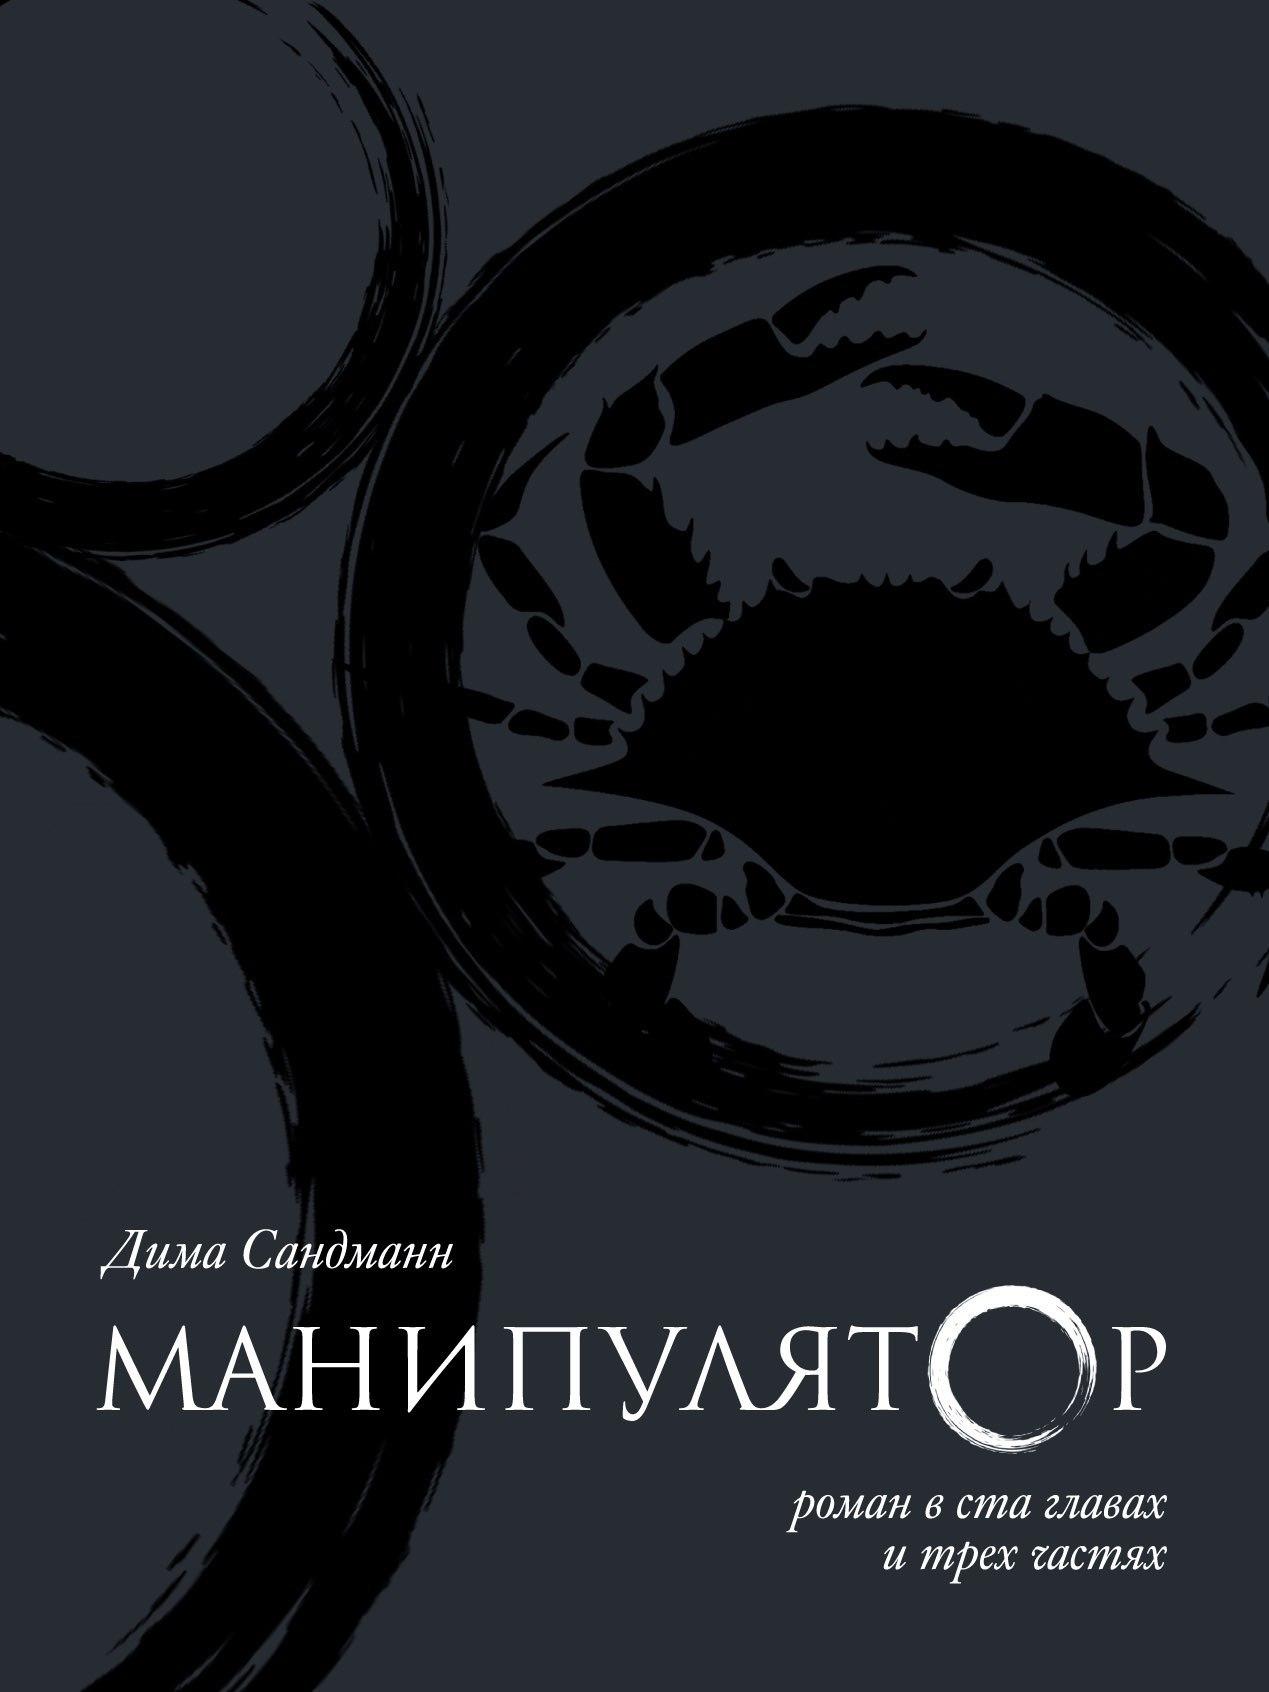 Дима Сандманн Манипулятор. Глава 047 дима сандманн манипулятор глава 046